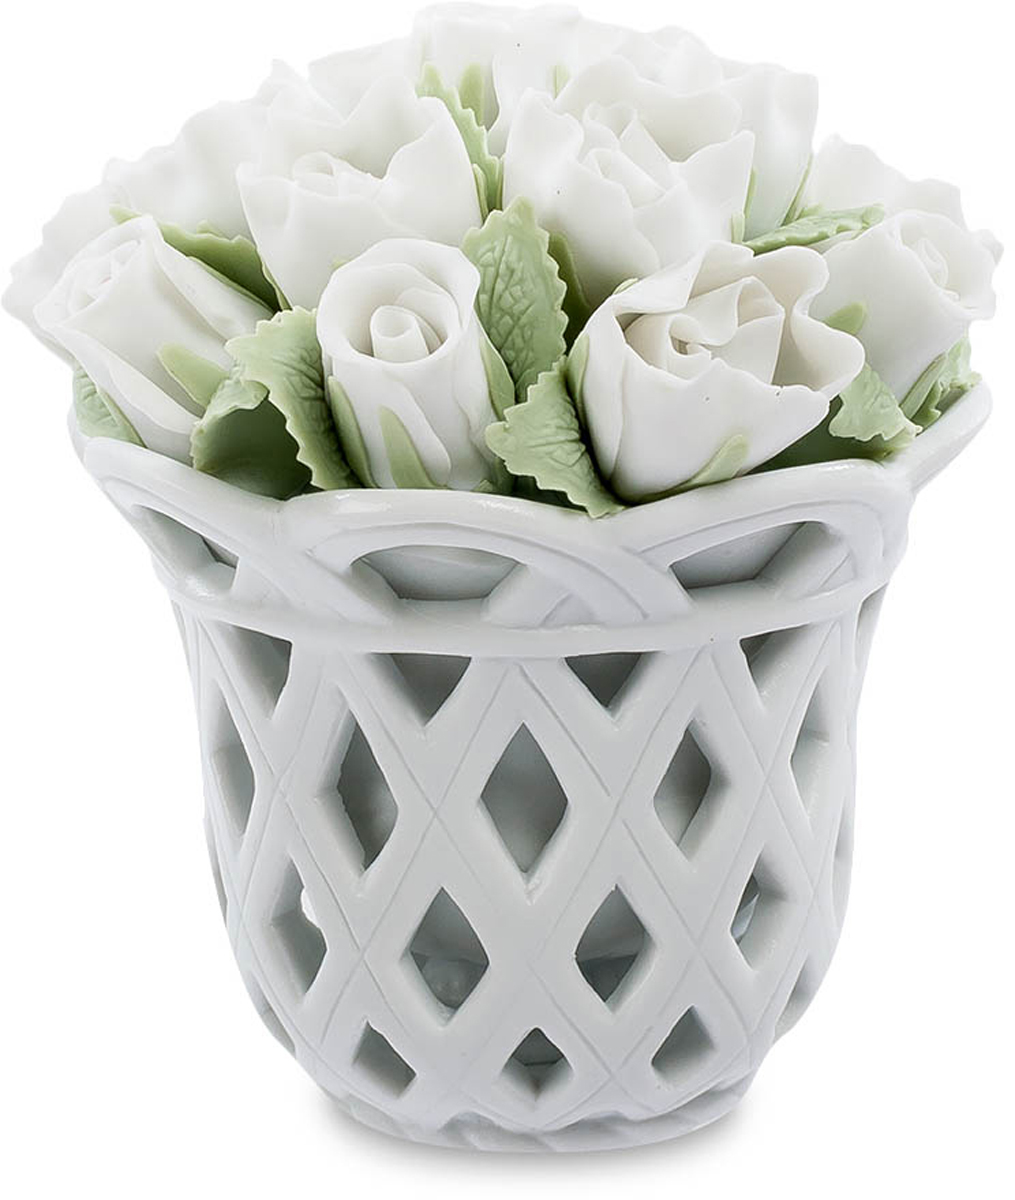 Композиция Pavone Цветочная корзина. CMS-33/26THN132NКомпозиция Цветочная корзина (Pavone) Элегантная корзина, заполненная белыми розами с бледно-зелеными листьями. Каждый лепесток настолько естественно выглядит, что не верится, что это – фарфор. Белый цвет – символ чистоты и молодости, белые цветы дарят невесте и просто молодой девушке. Прекрасное творение мастеров изысканного фарфора поражает своей естественностью и сходством с живой природой. От естественного букета эта корзина отличается еще и тем, что никогда не завянет. Подарите эту изысканную цветочную композицию, и она будет долгие годы напоминать о вас, и пожелание чистой и светлой любви будет всегда актуальным и искренним.